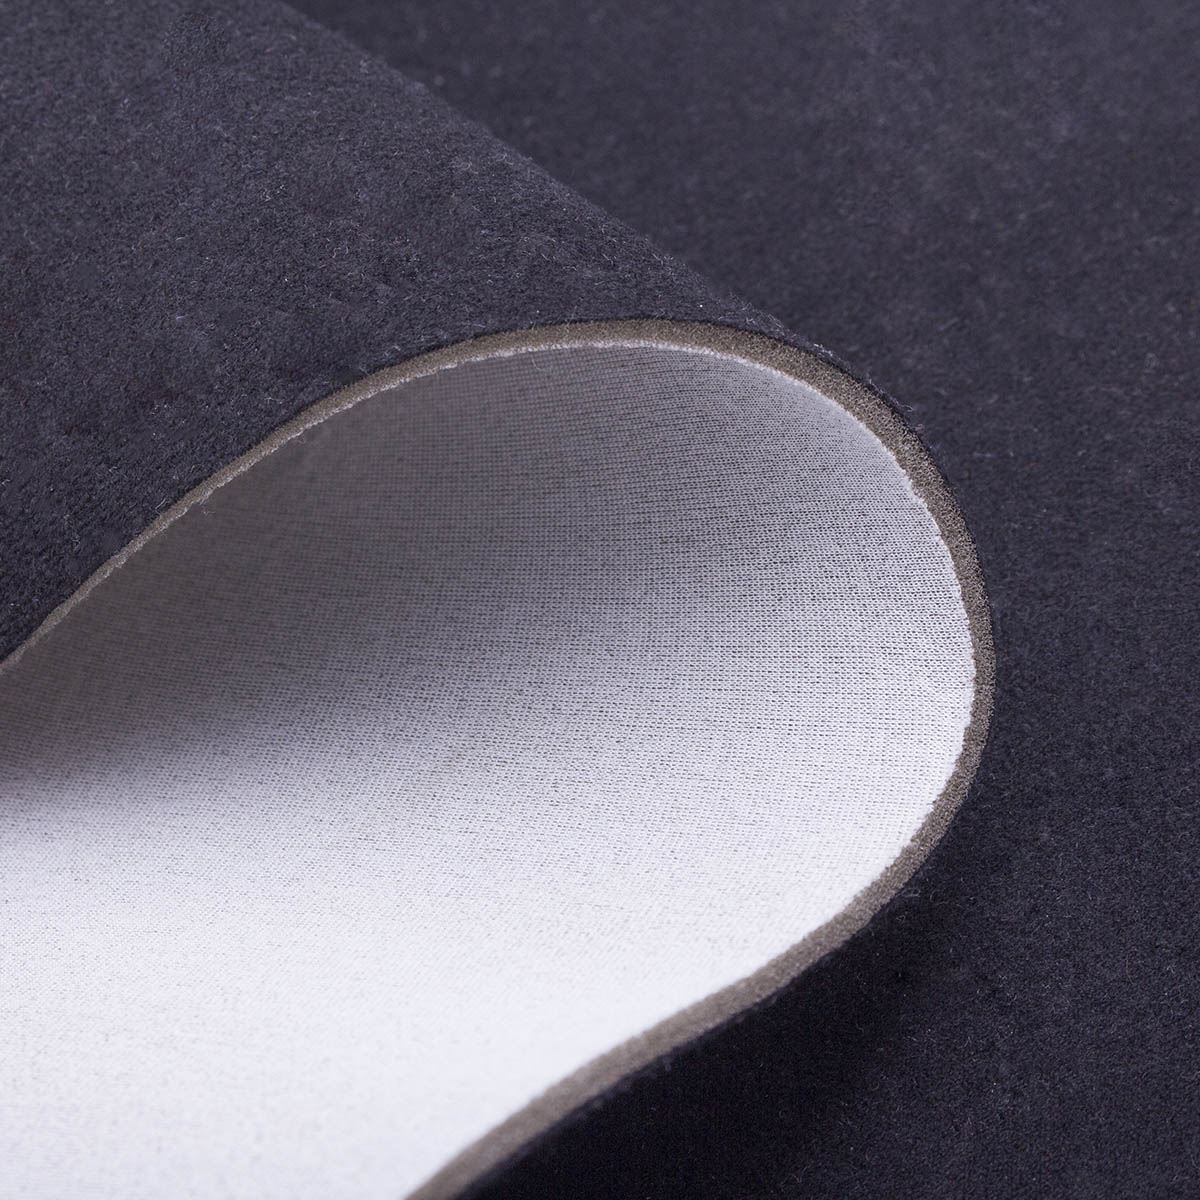 baumwollstoff schaumstoff sitz polster auto sitzm bel einsatz borte 3mm 6mm ebay. Black Bedroom Furniture Sets. Home Design Ideas